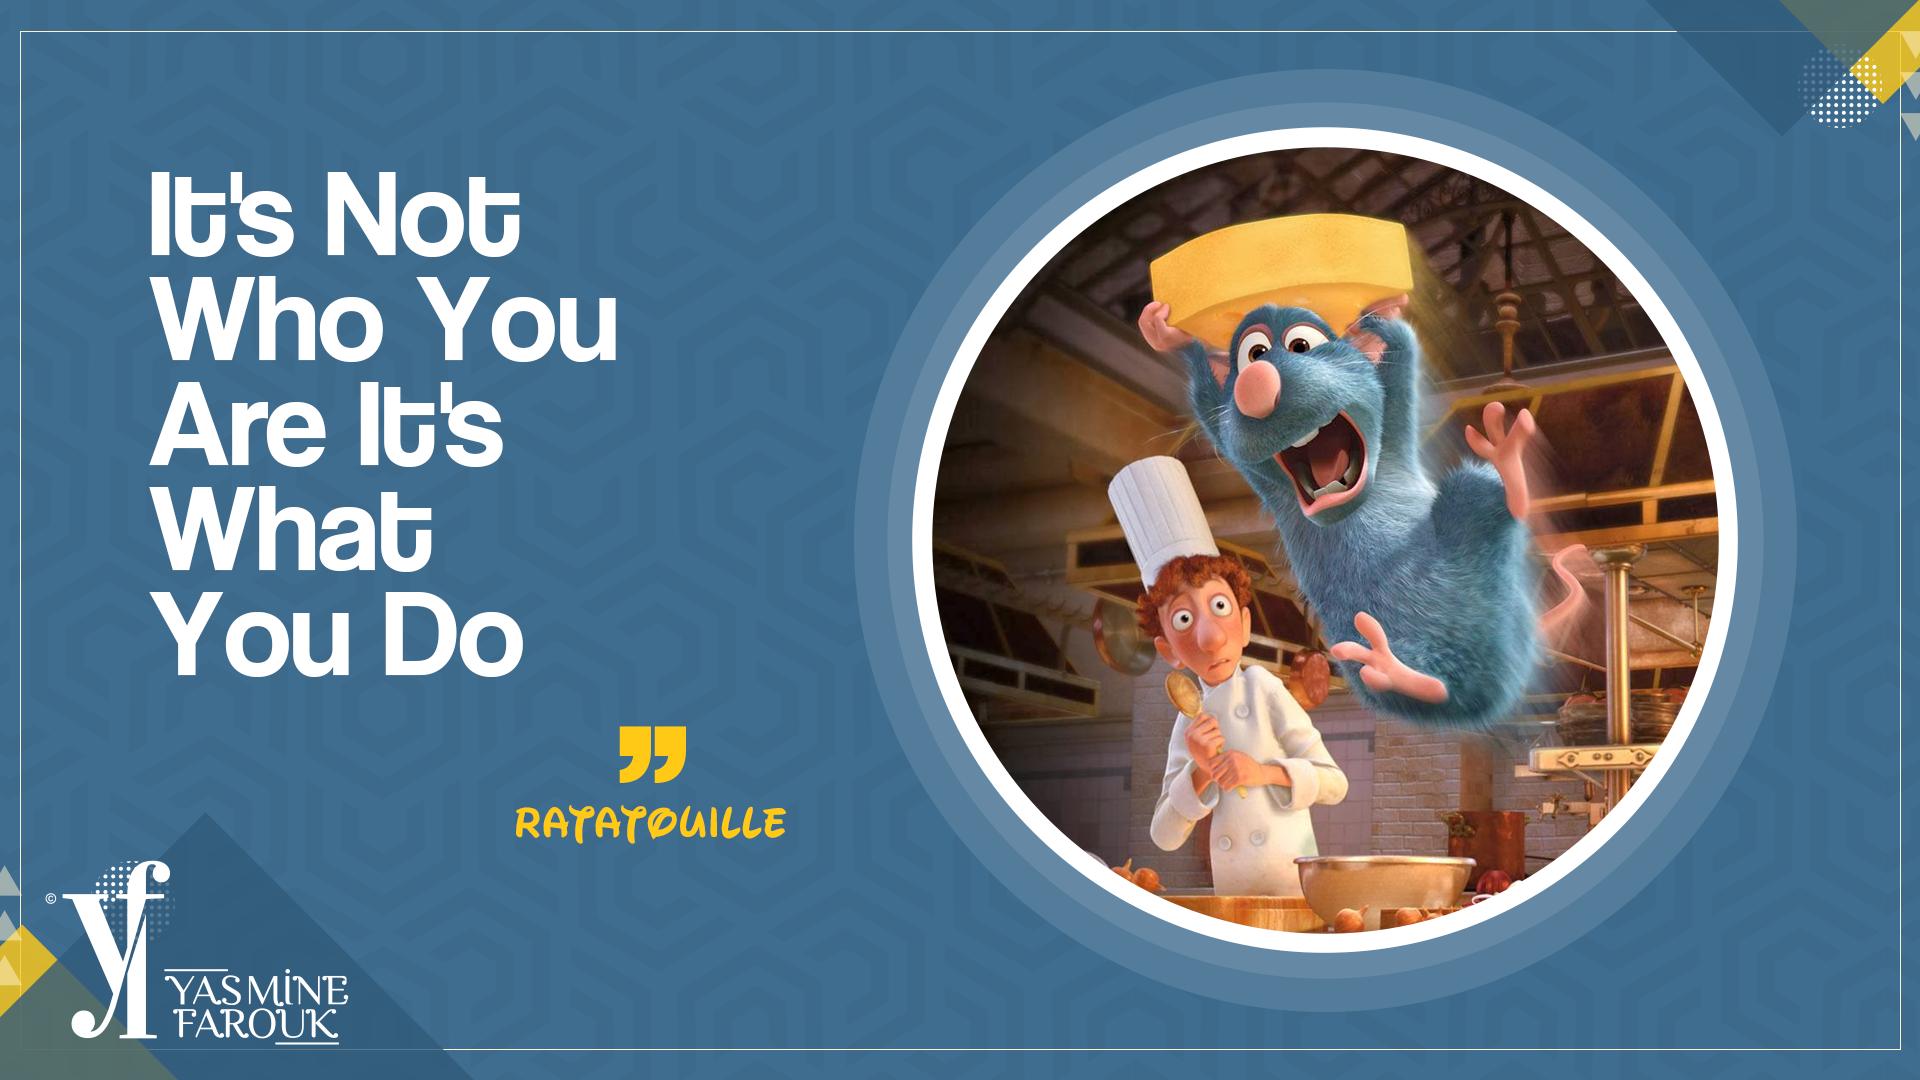 ليس المهم من أنت ولكن الأهم ما تفعل الفأر الطباخ It S Not Who You Are It S What You Do Ratato Disney Characters Character Family Guy